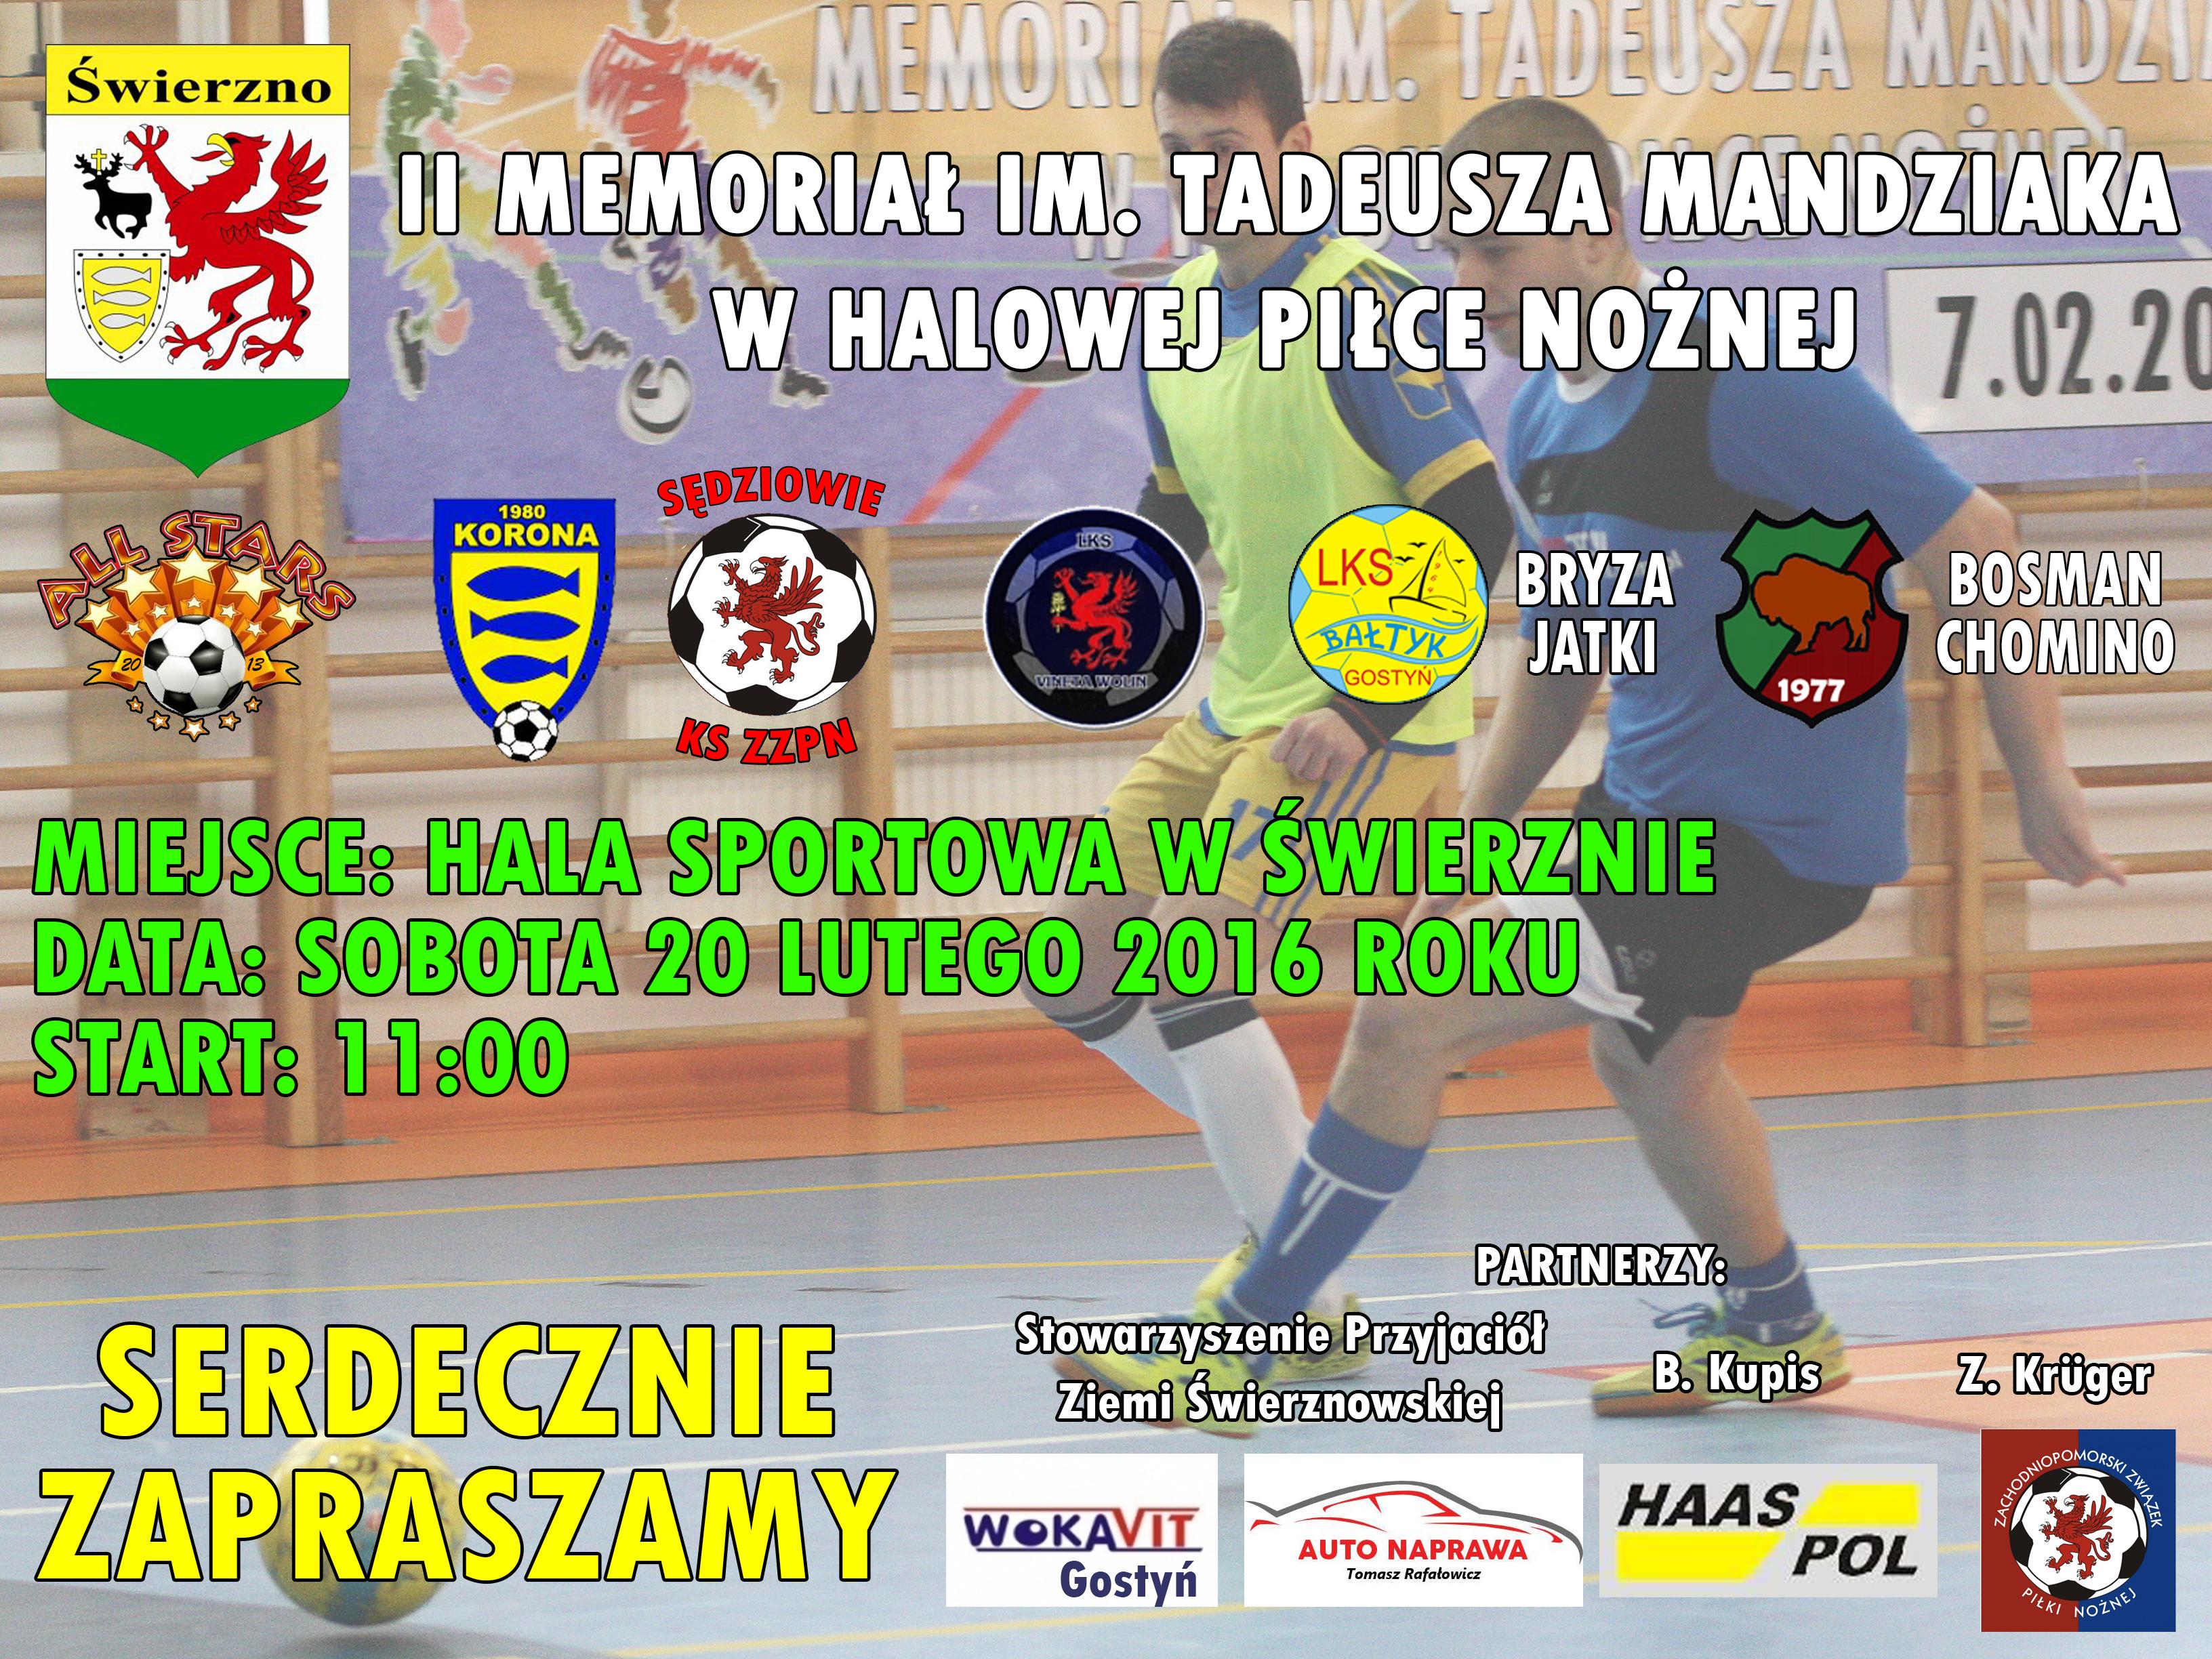 II Memoriał im. Tadeusza Mandziaka